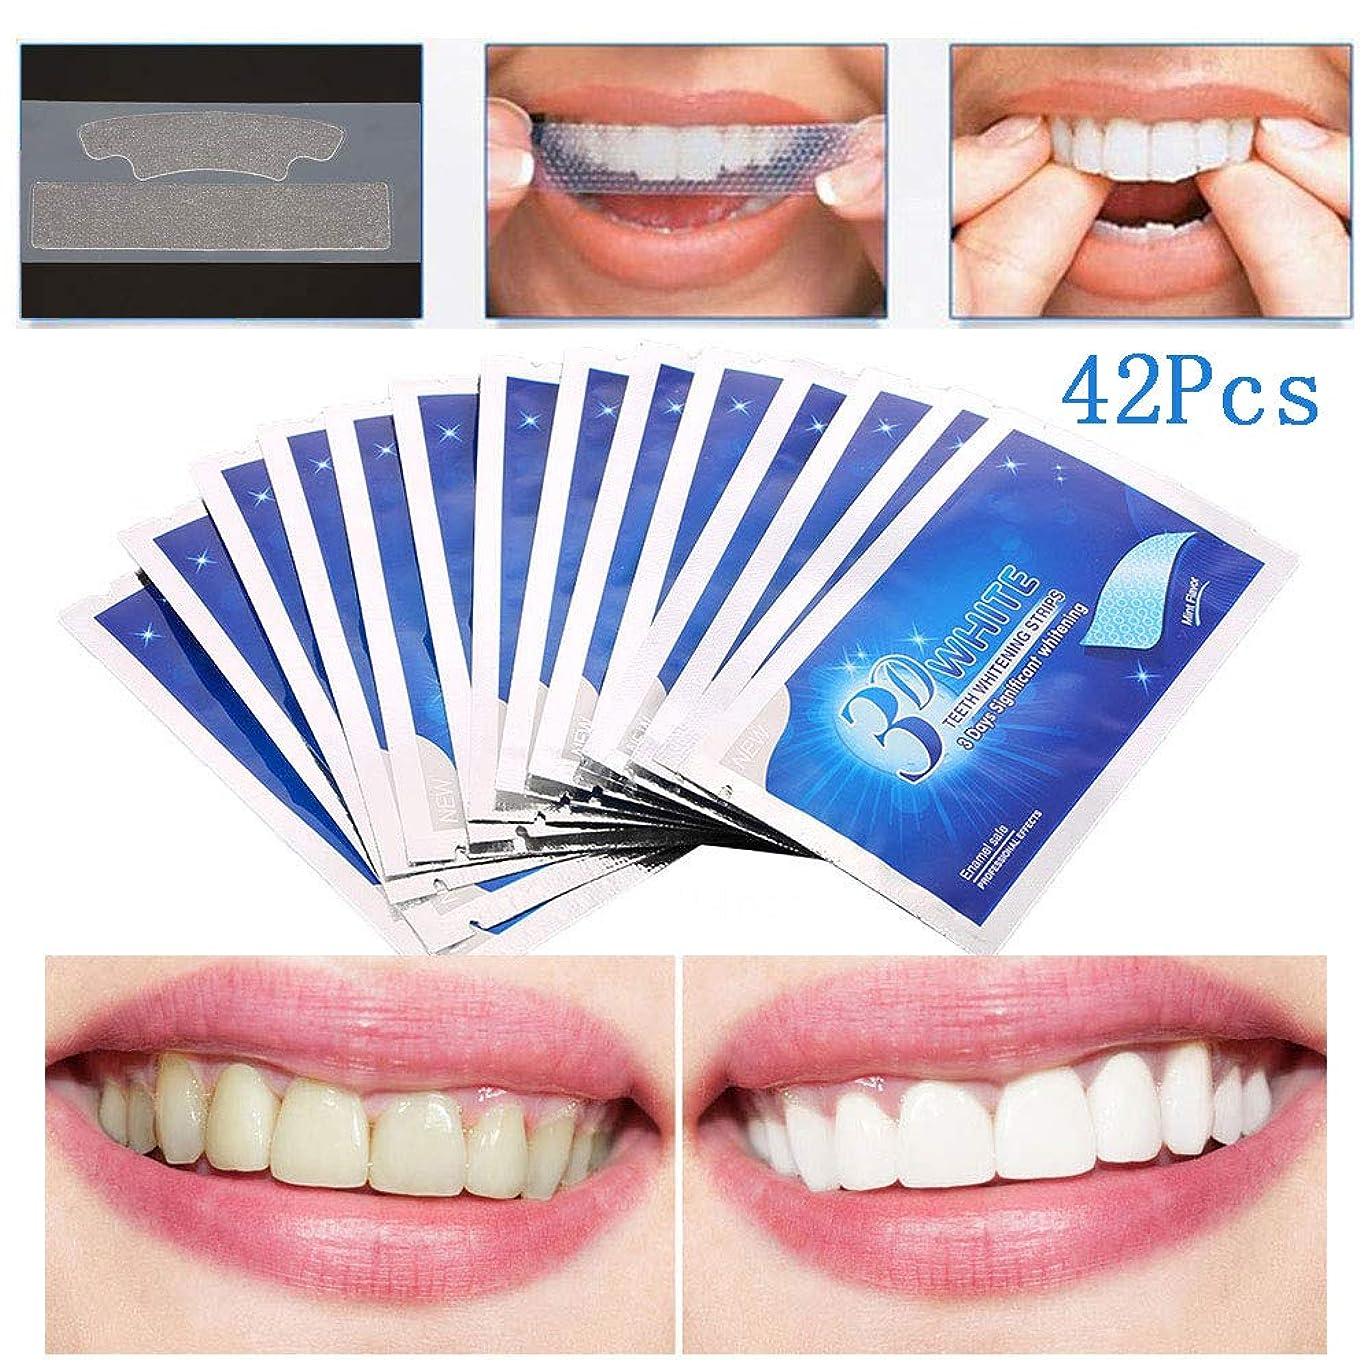 民兵債務者トレイストリップを白くする歯、歯科心配用キット、ゲルの漂白システムクリーニングの歯を白くする伸縮性がある高度な歯14 x 3 PC